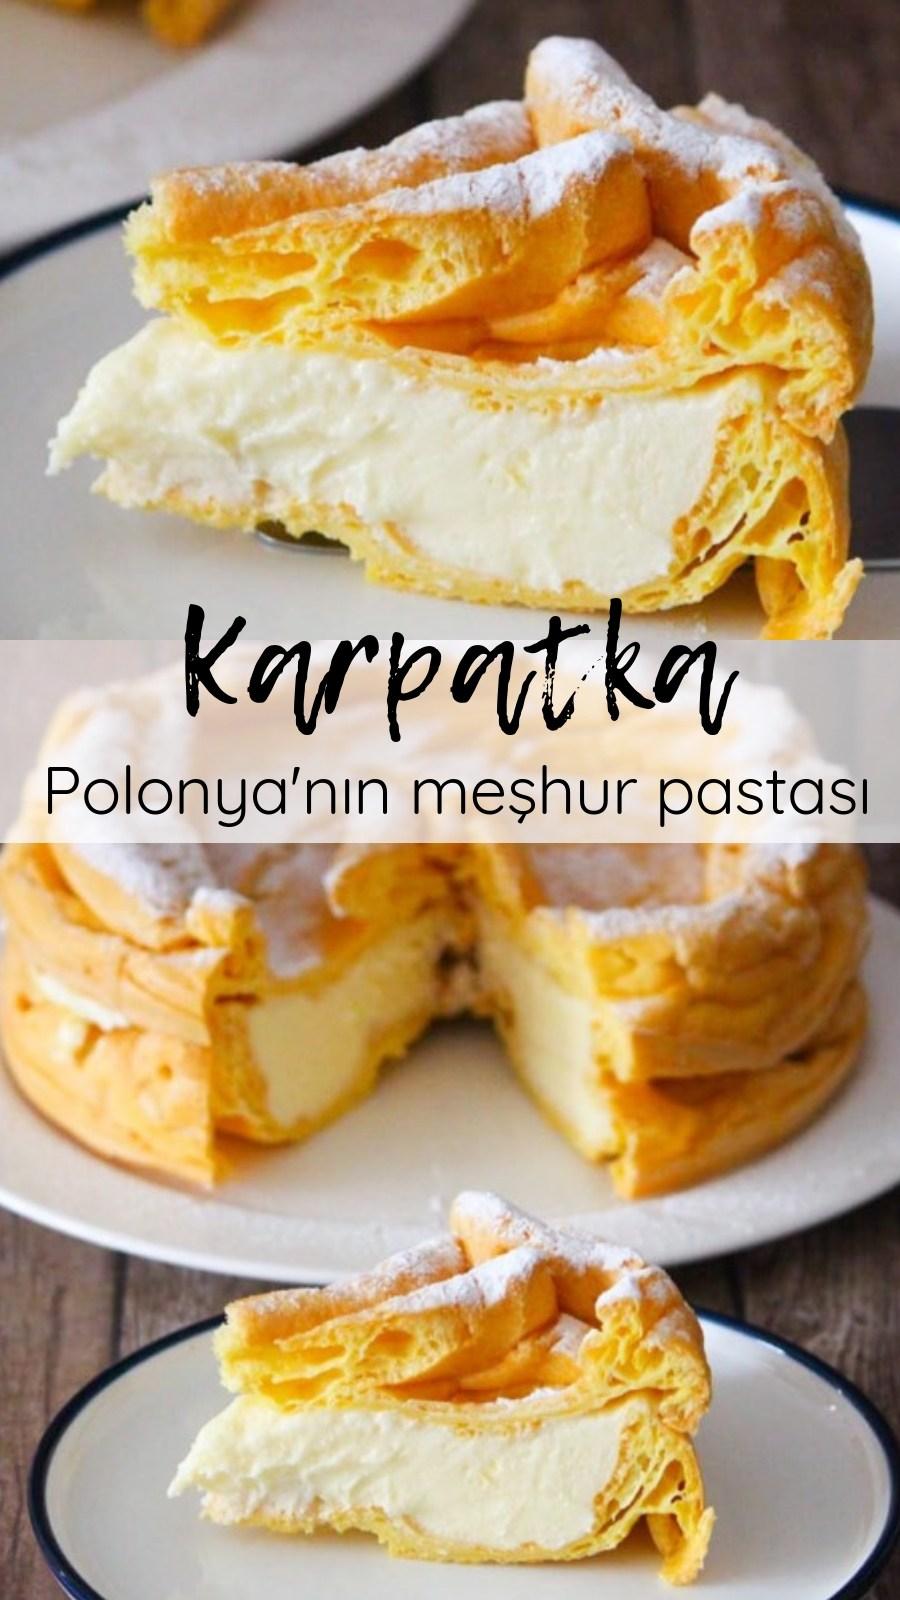 Karpatka Tarifi (Polonya'nın Meşhur Pastası) nasıl yapılır  3 301 kişinin defterindeki bu tarifin resimli anlatımı ve deneyenlerin fotoğrafları burada  Yazar Emine Ayşe Karataslı karp is part of Pasta cake -